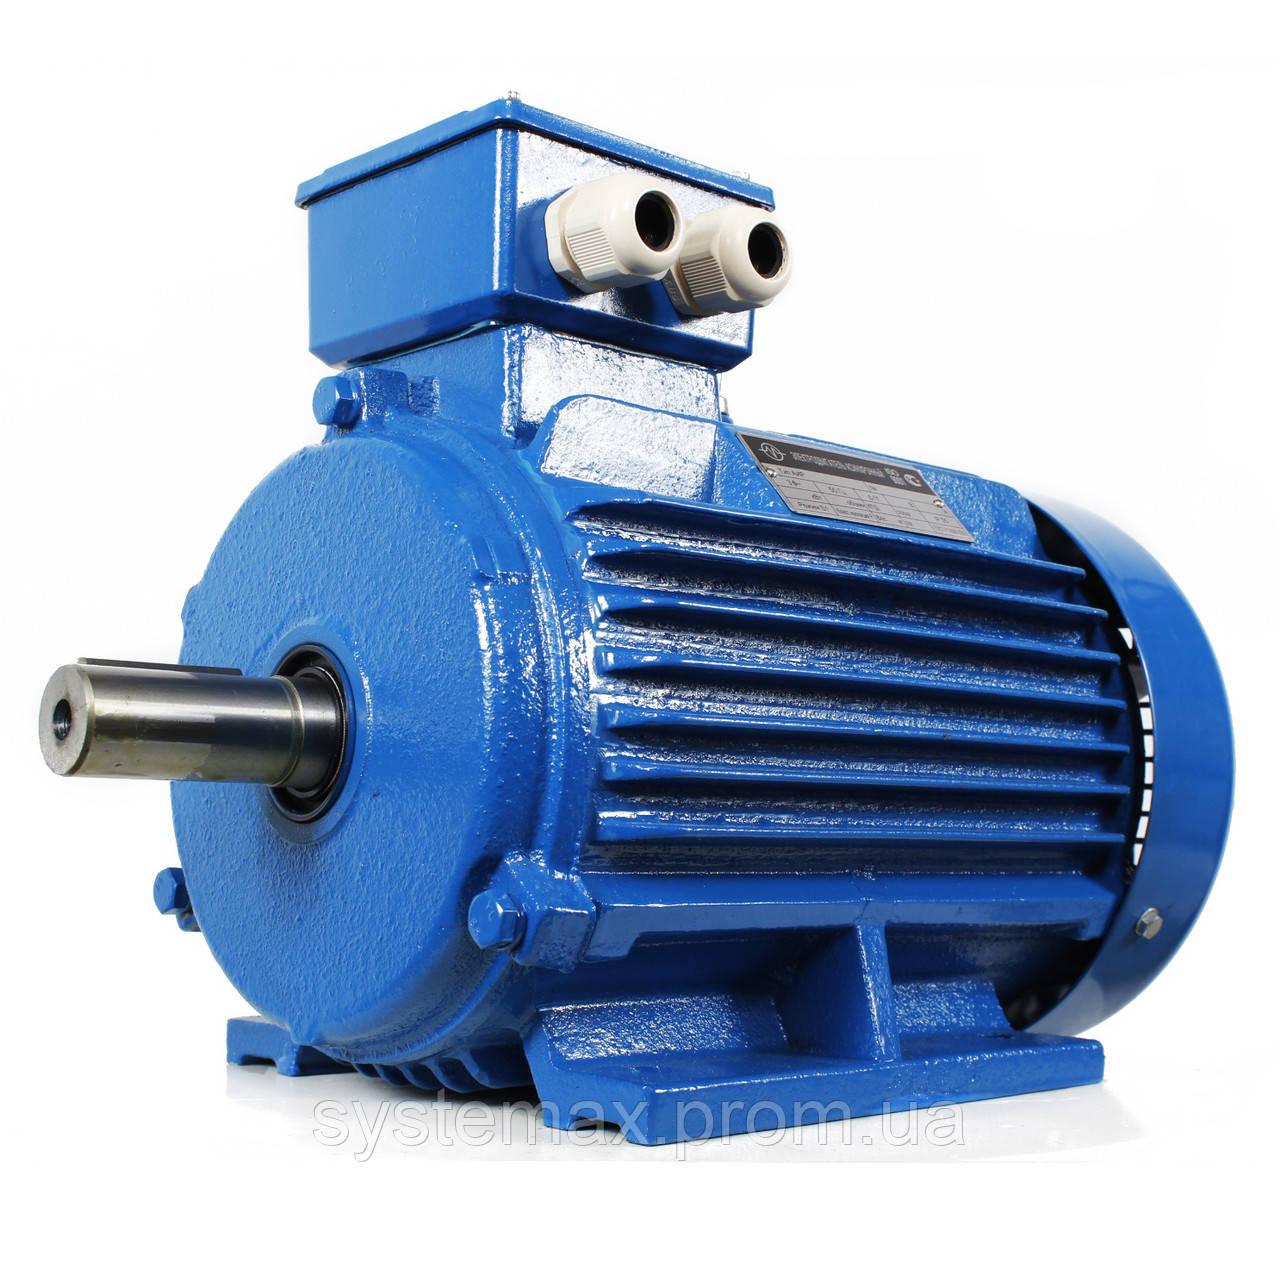 Электродвигатель АИР80В8 (АИР 80 В8) 0,55 кВт 750 об/мин